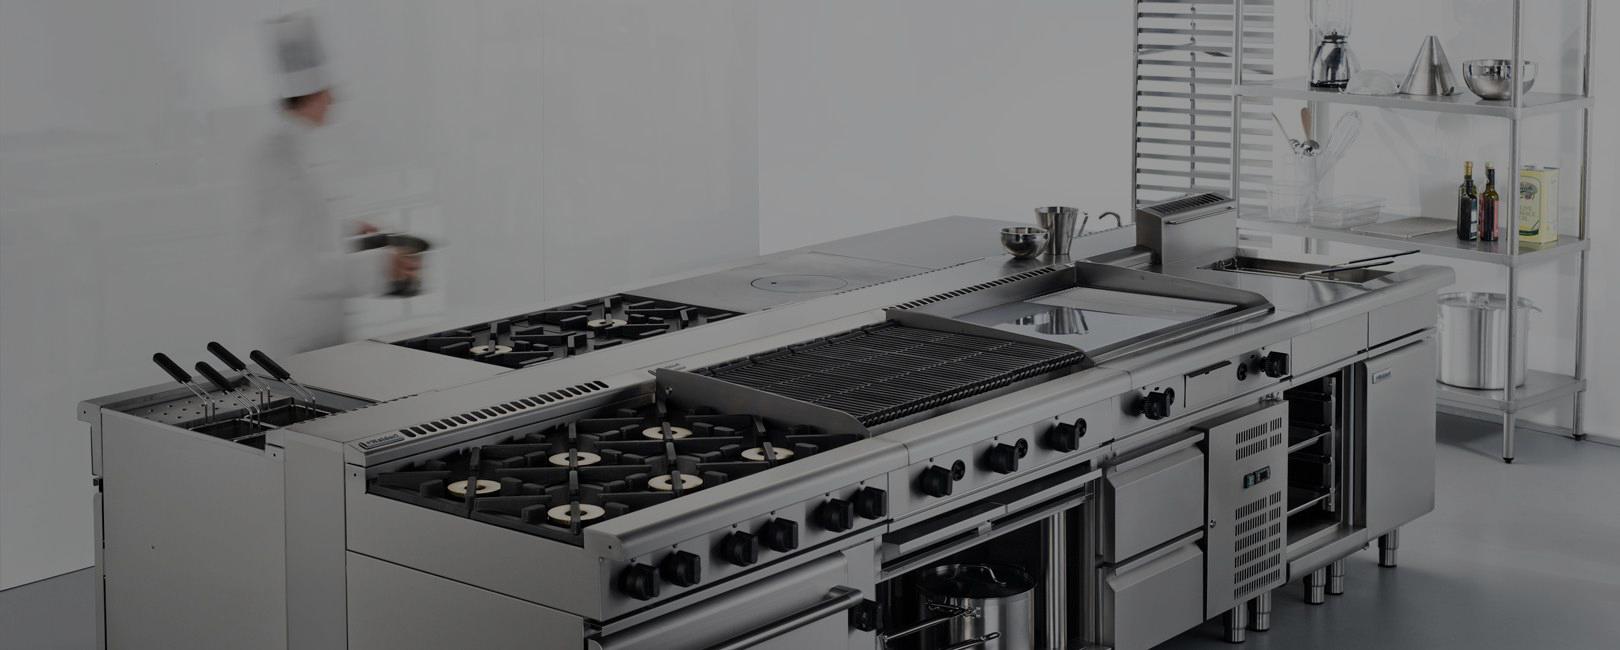 we-buy-catering-equipment